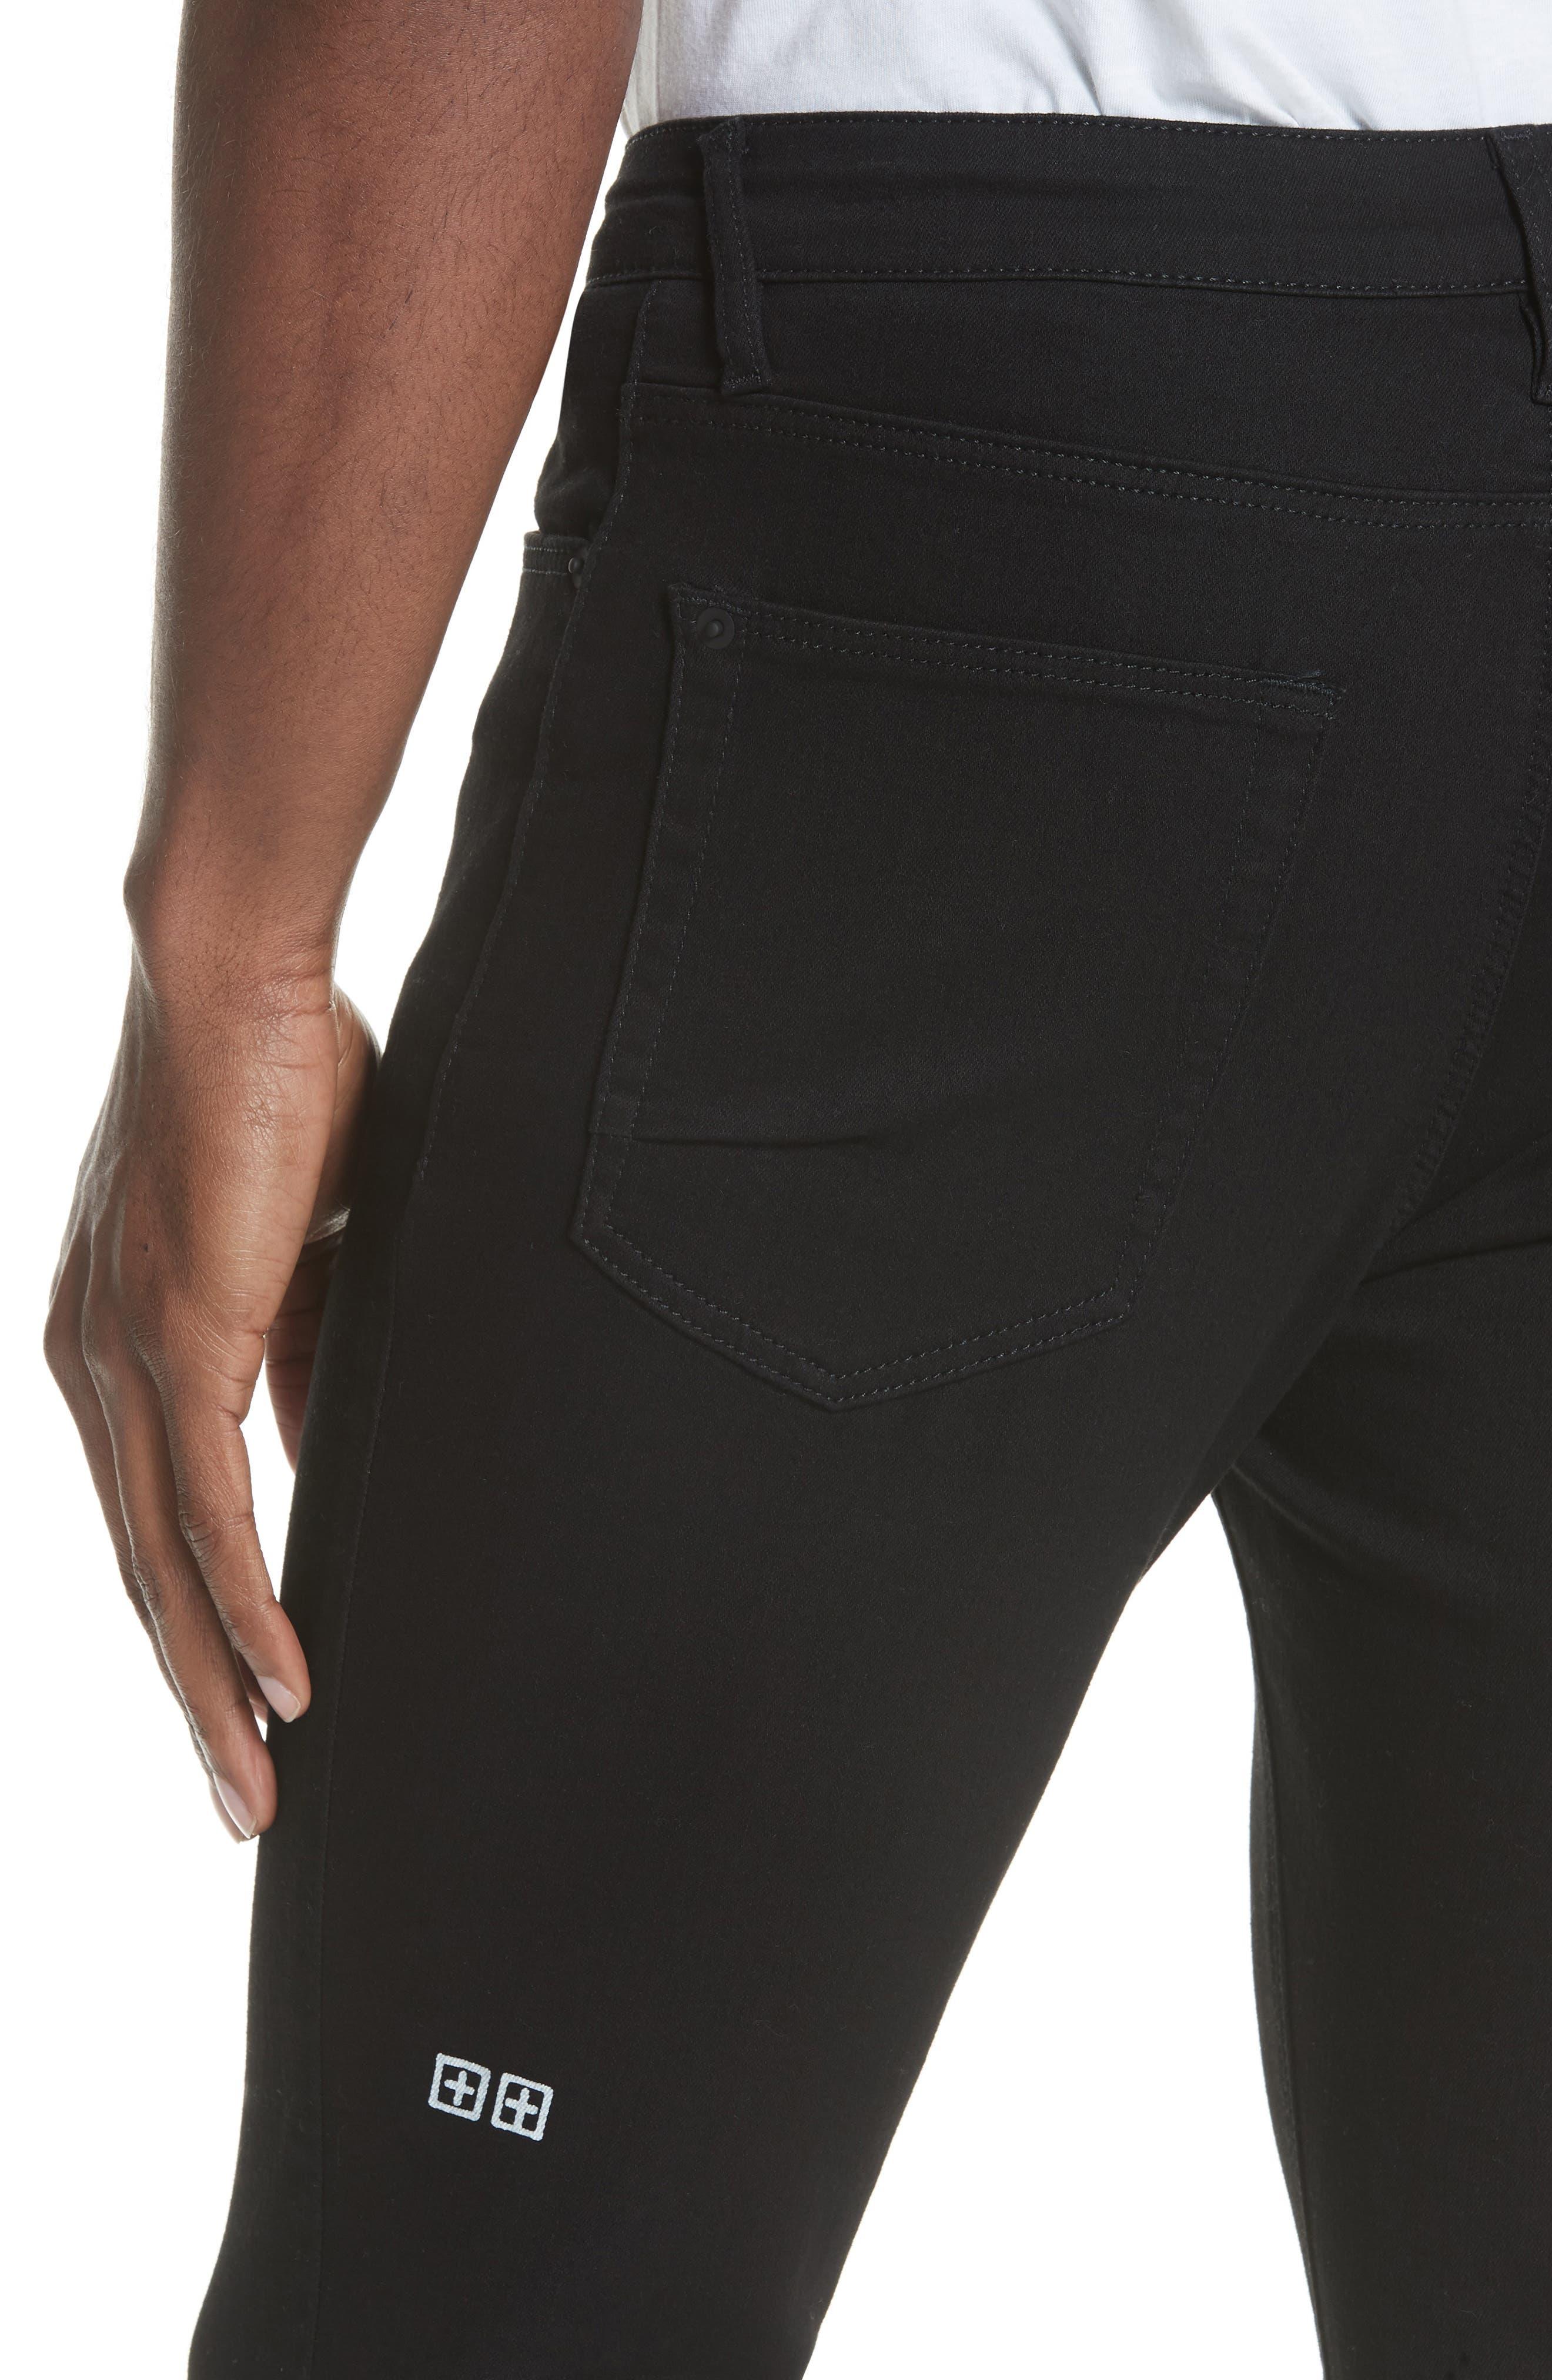 Van Winkle Black Rebel Skinny Fit Jeans,                             Alternate thumbnail 3, color,                             Black